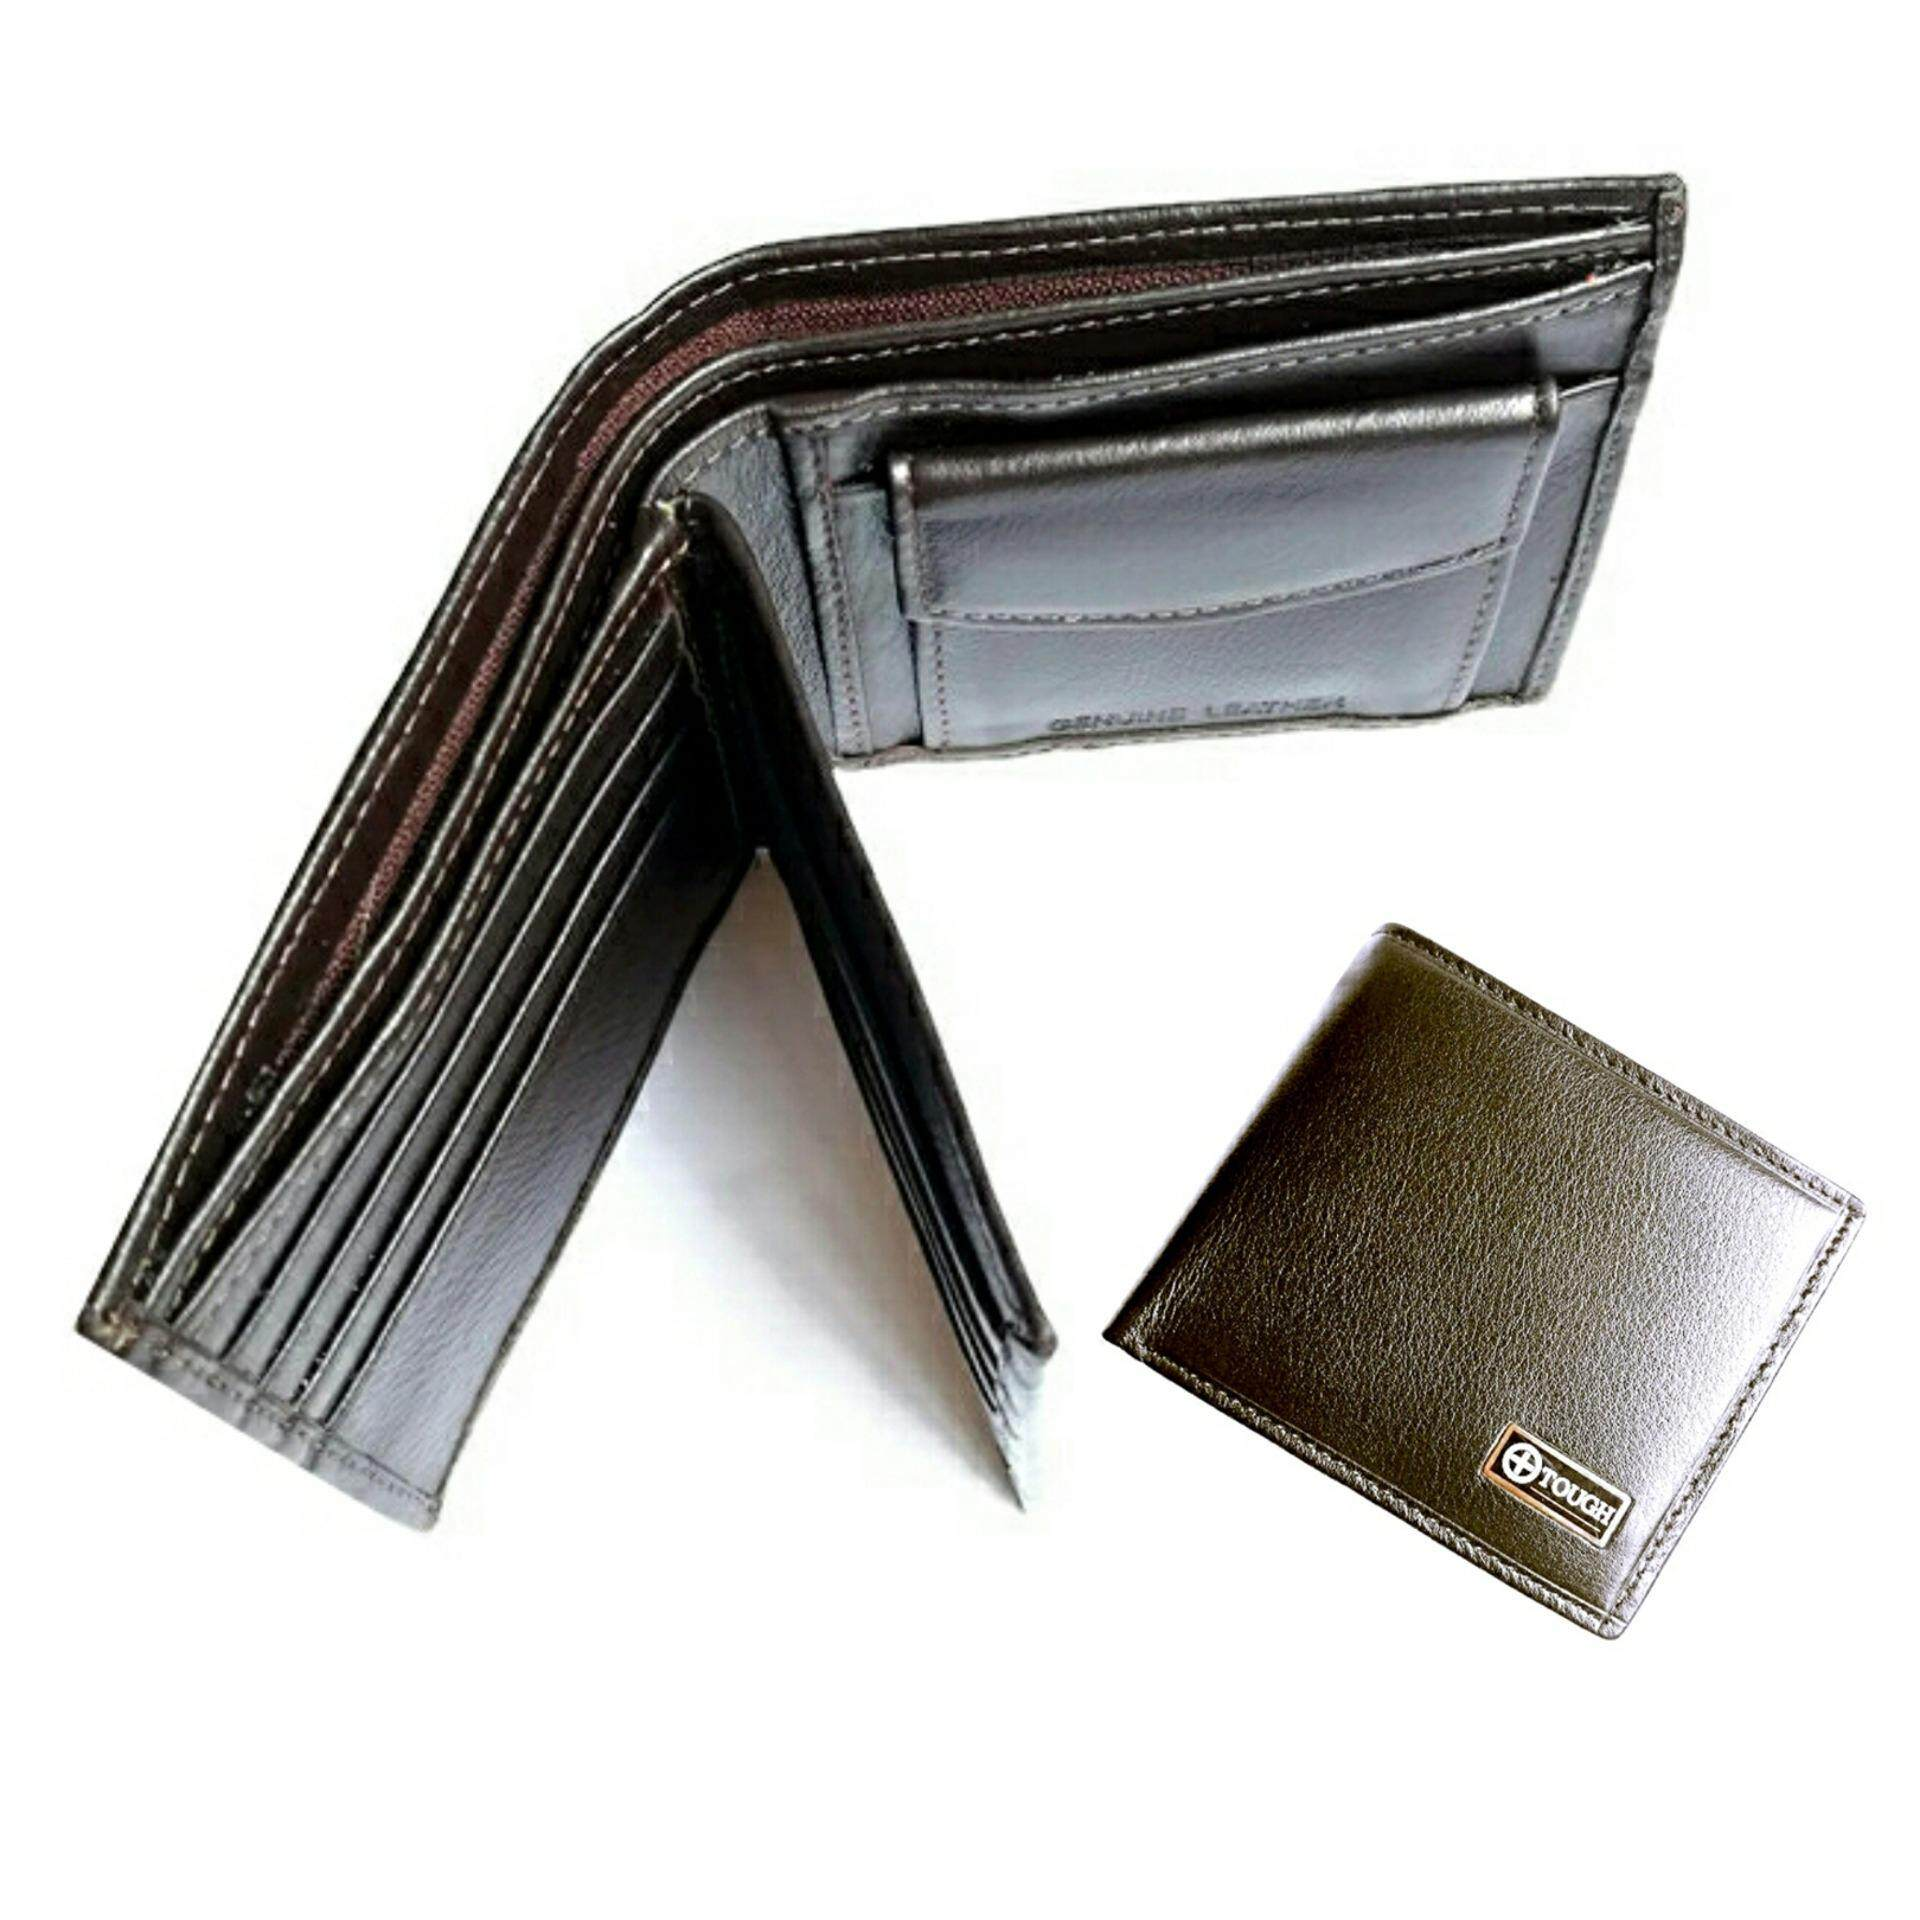 Tough กระเป๋าสตางค์ หนังแท้หนังนิ่ม มีกระเป๋าเล็กใส่เหรียญ รุ่นTou002 D สีน้ำตาลพร้อมกล่อง ถูก